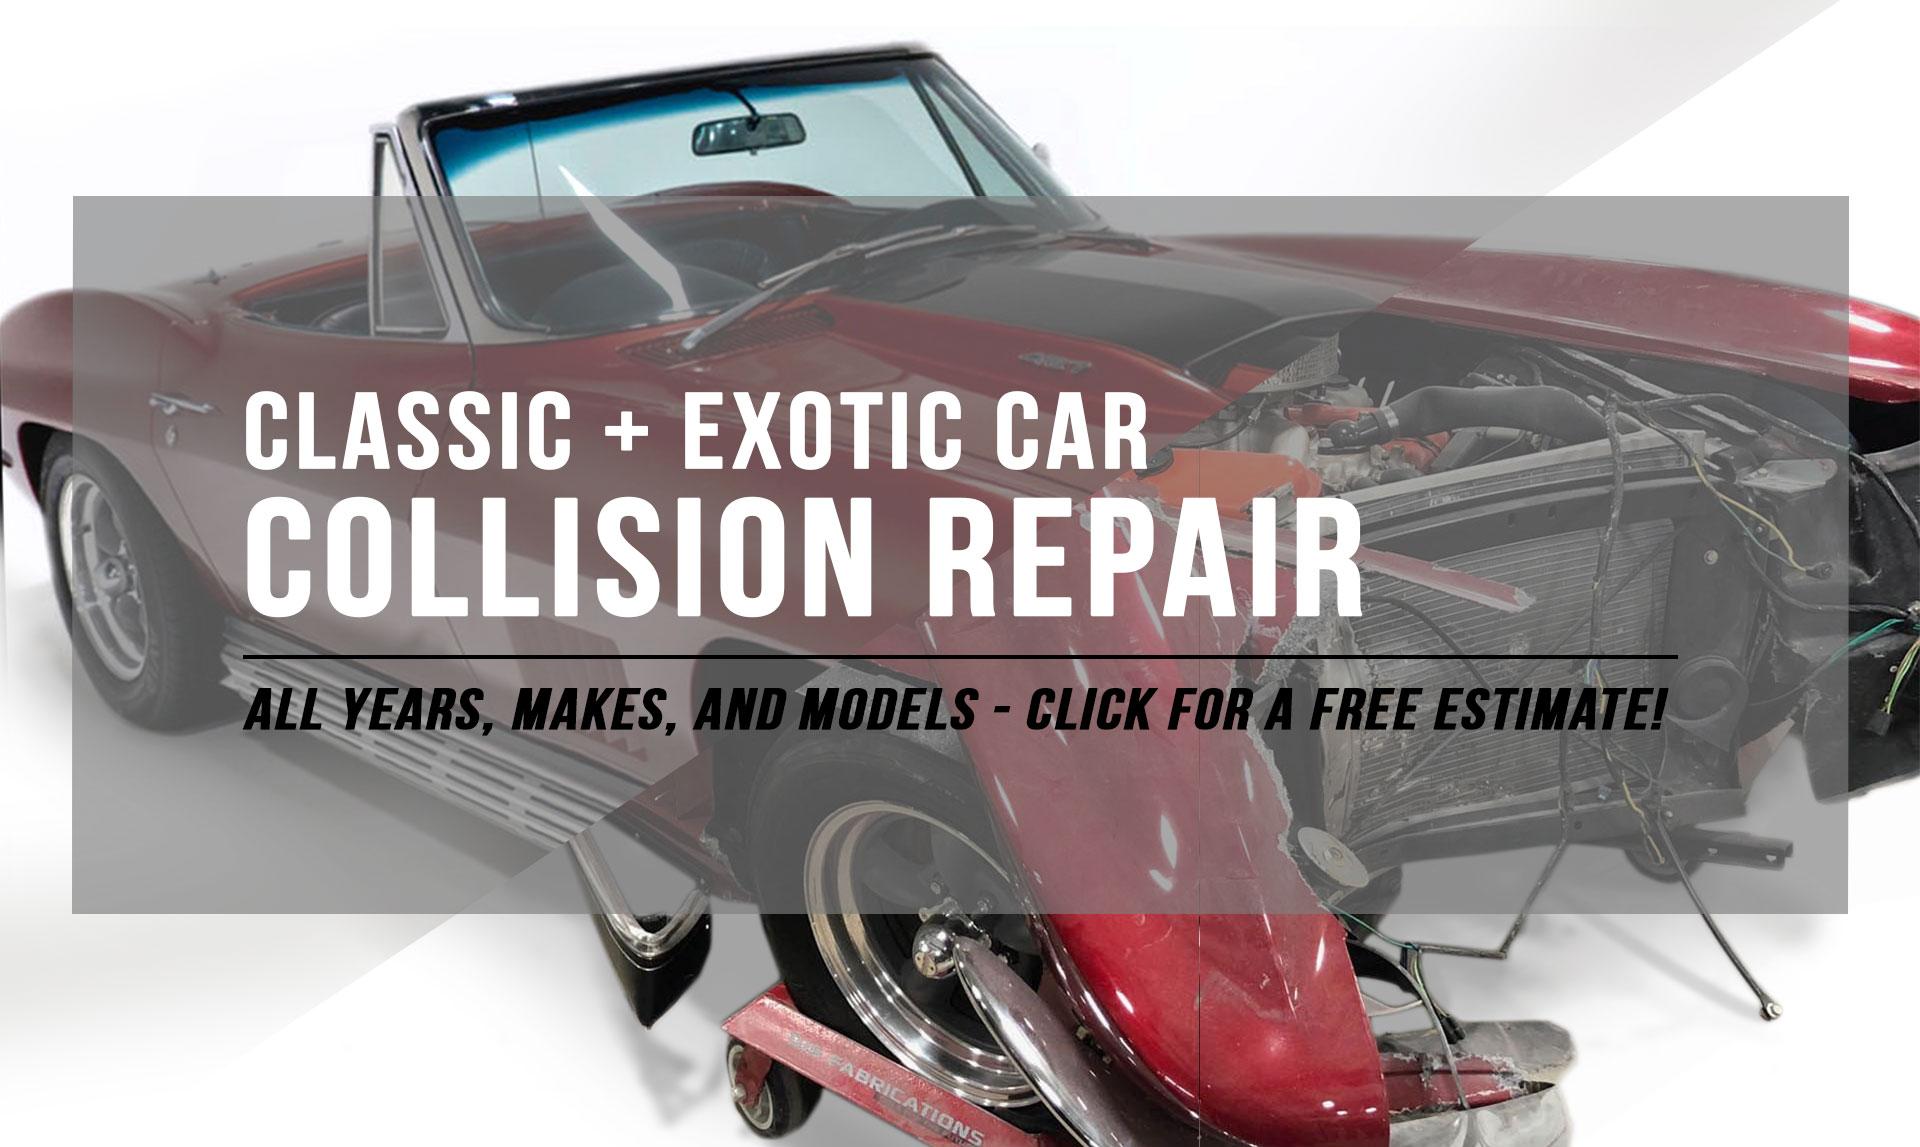 Classic & Exotic Car Collision Repair